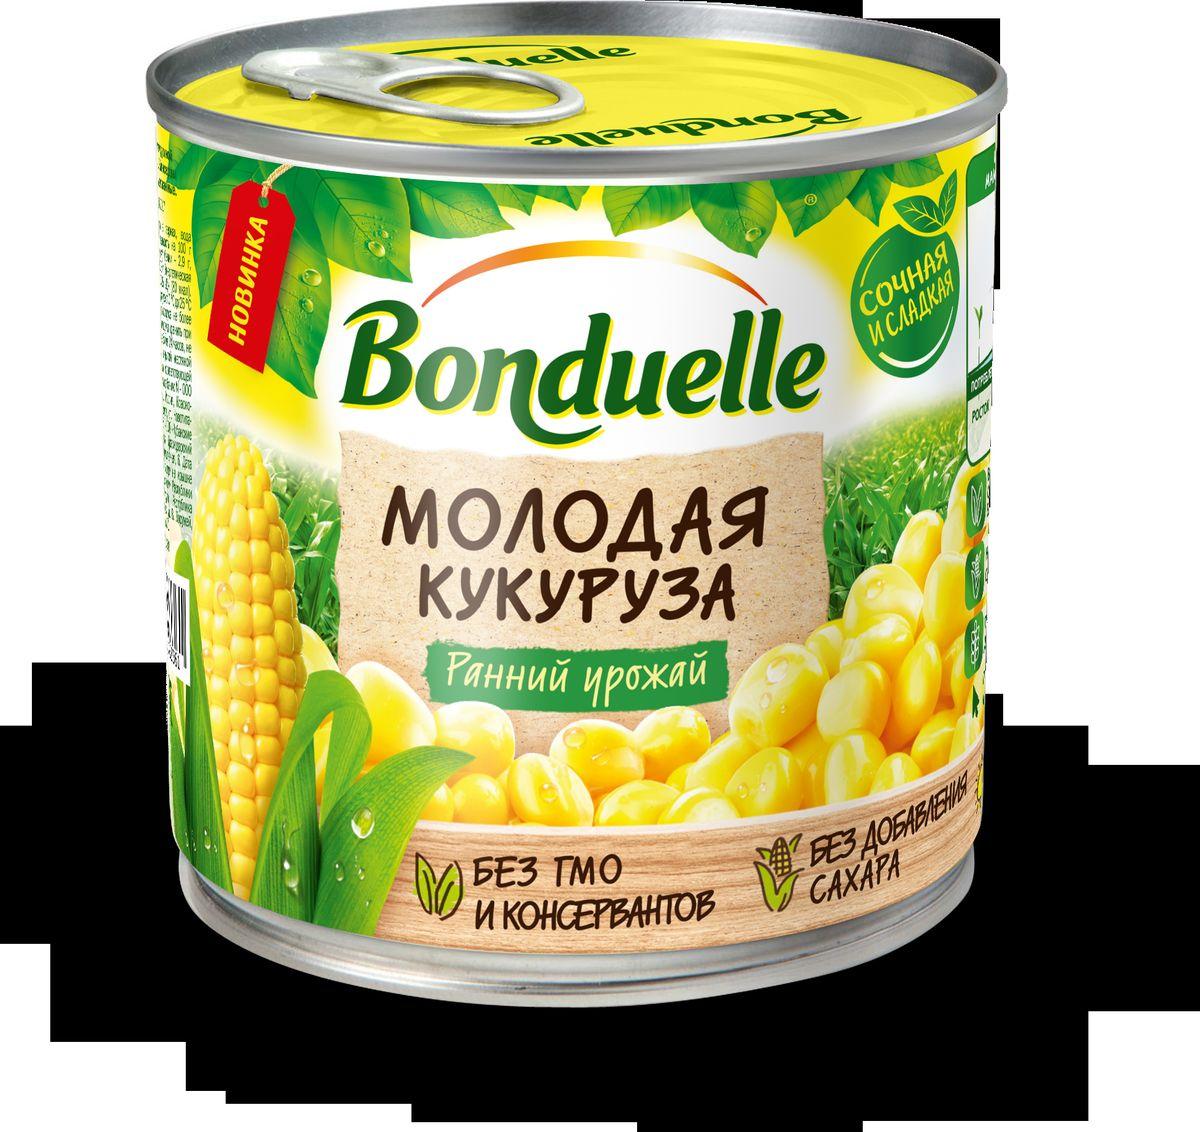 Bonduelle Кукуруза молодая, 170 г3083681083361Высокое качество, изысканный вкус, сочная, натурально сладкая, без добавления сахара. Вкусный и полезный перекус, сочный и хрустящий ингридиент для овощных салатов.